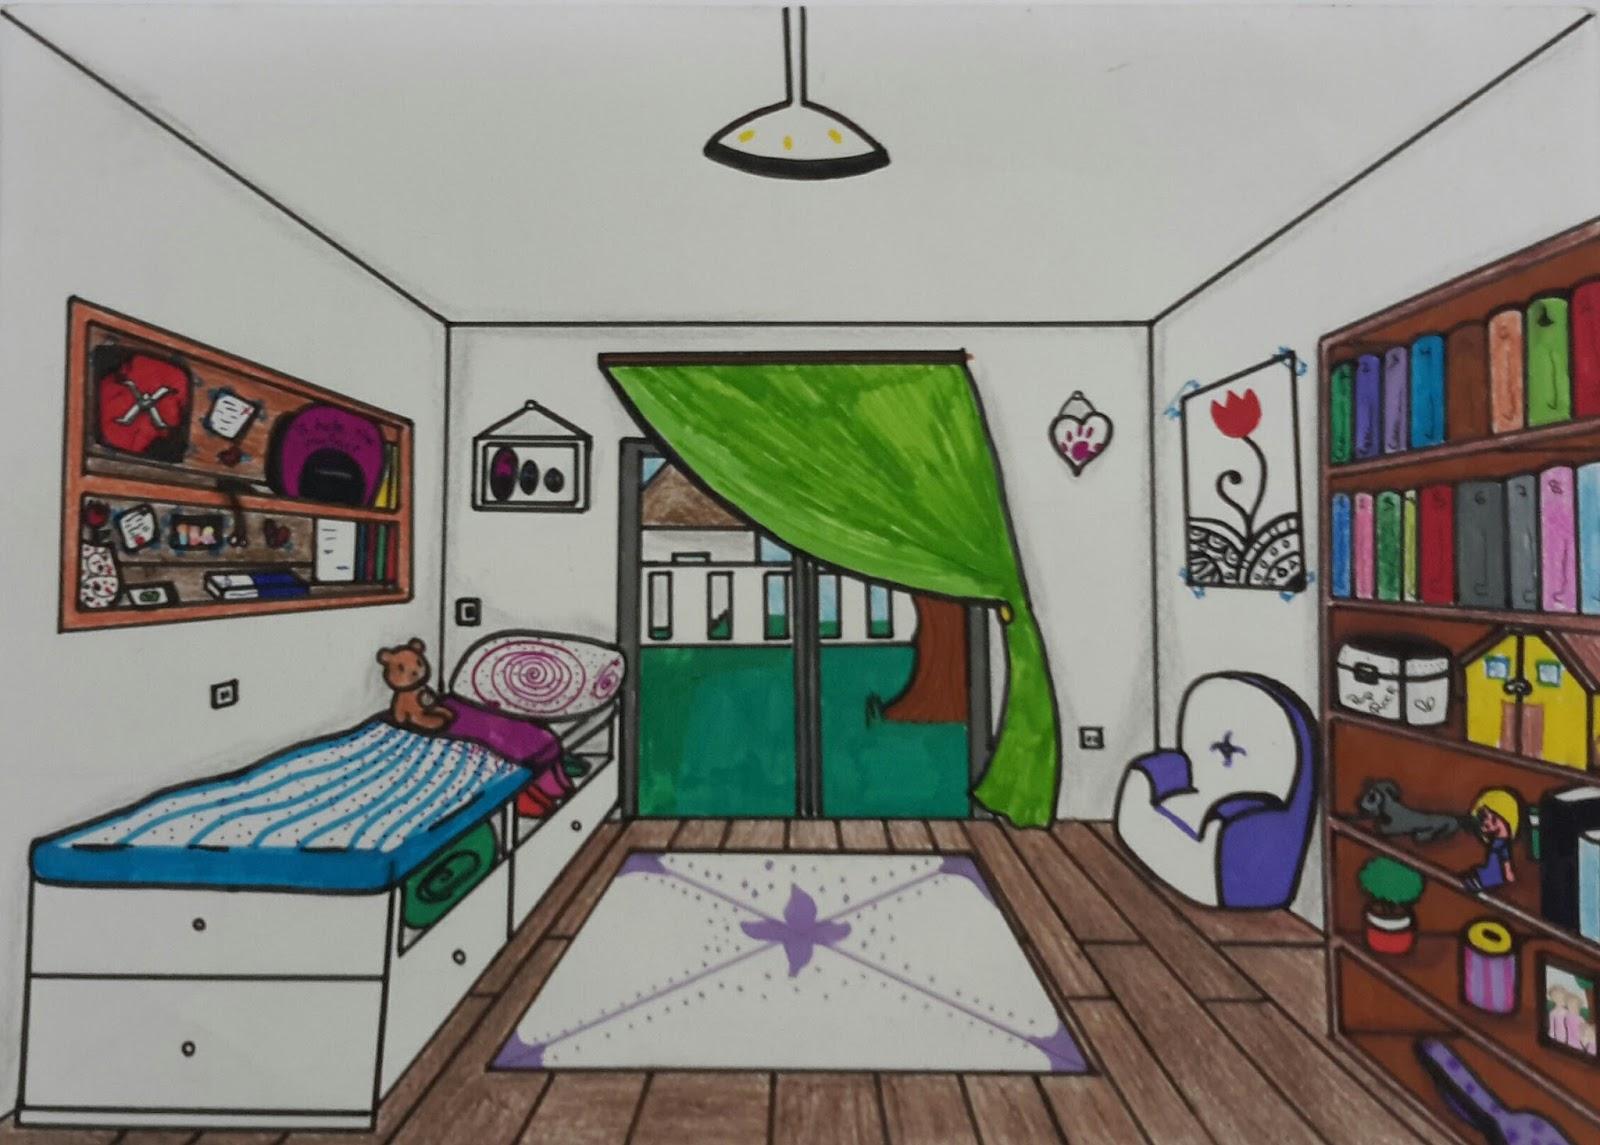 Comp s y color habitaciones en perspectiva c nica - Habitacion en perspectiva conica ...